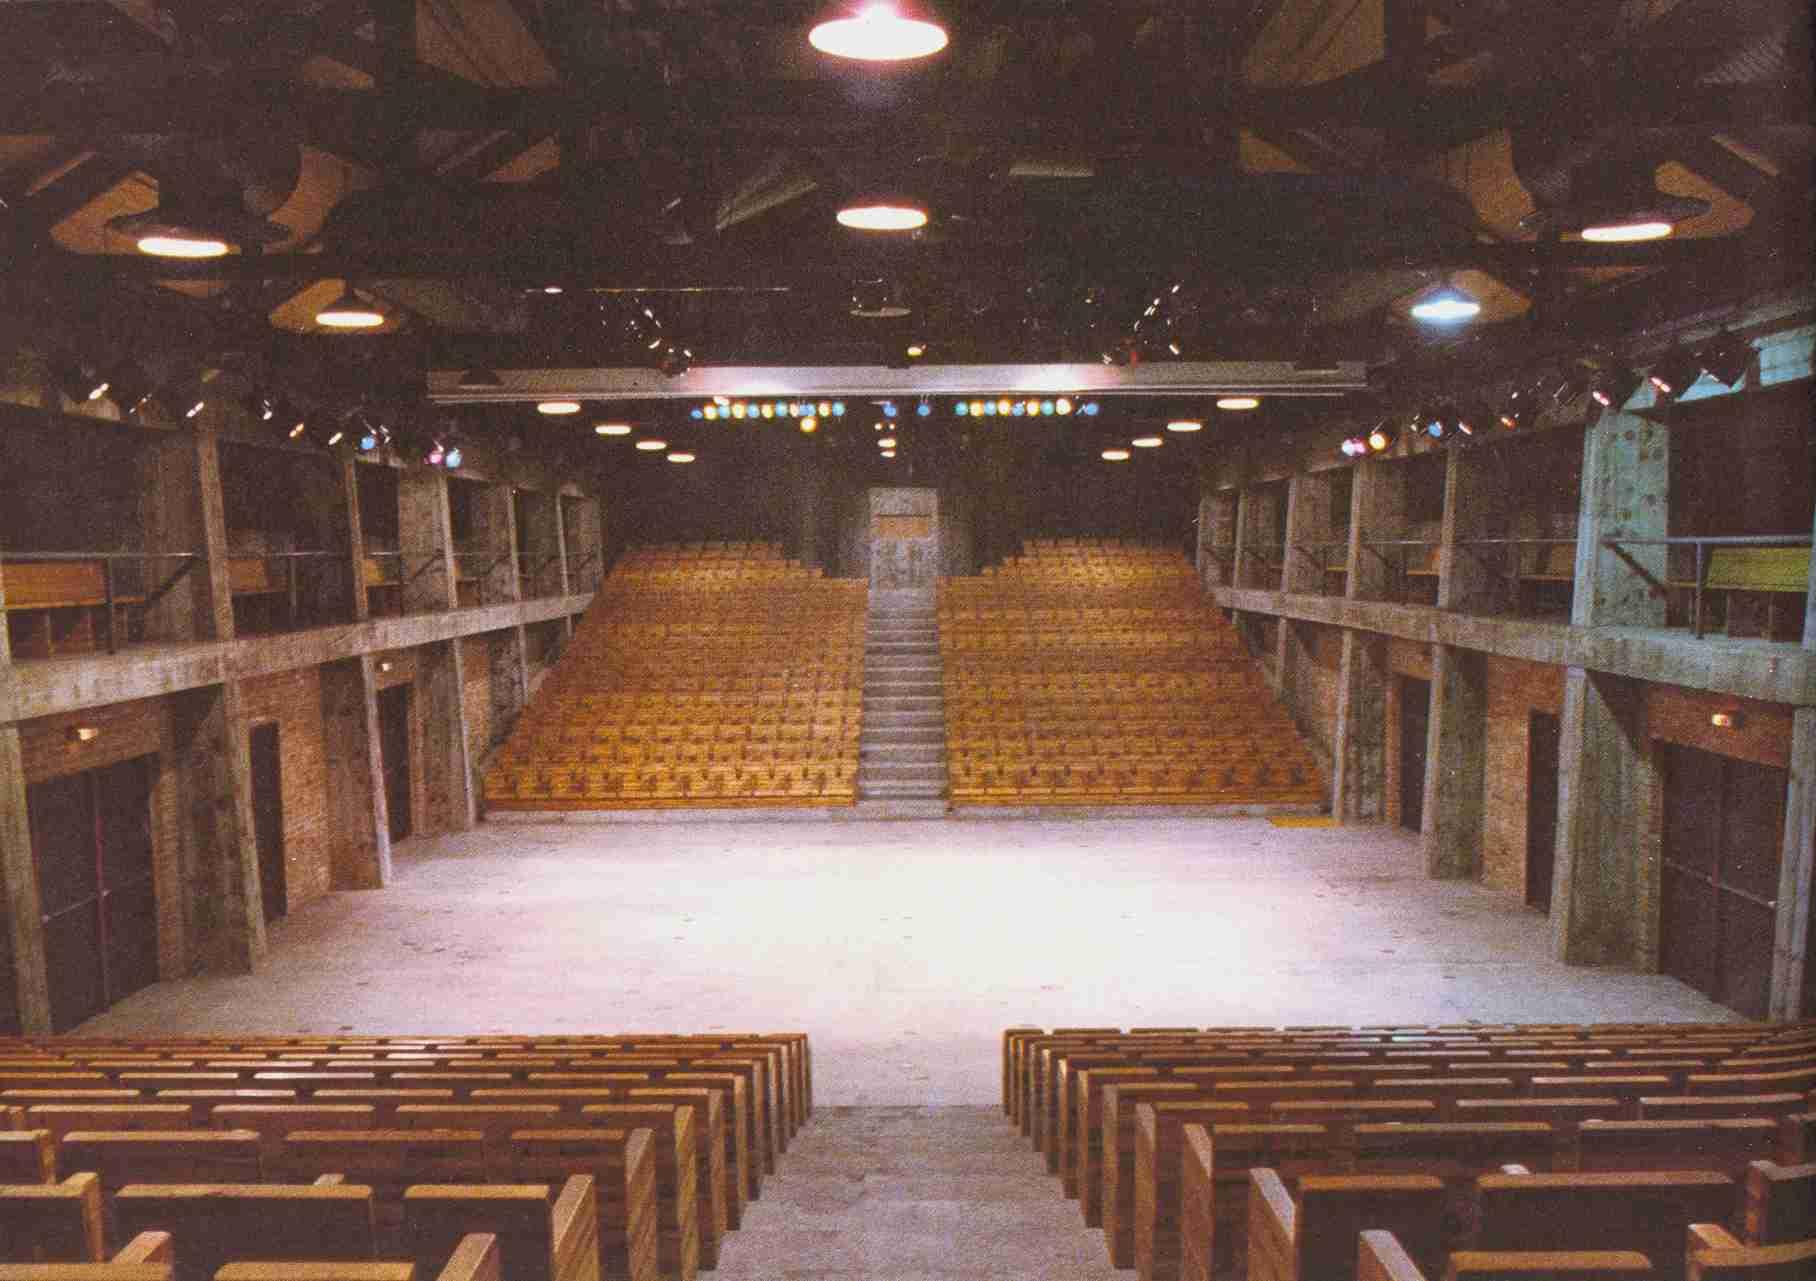 sesc pompeia auditorio  u2013 patricia ferreira lopes